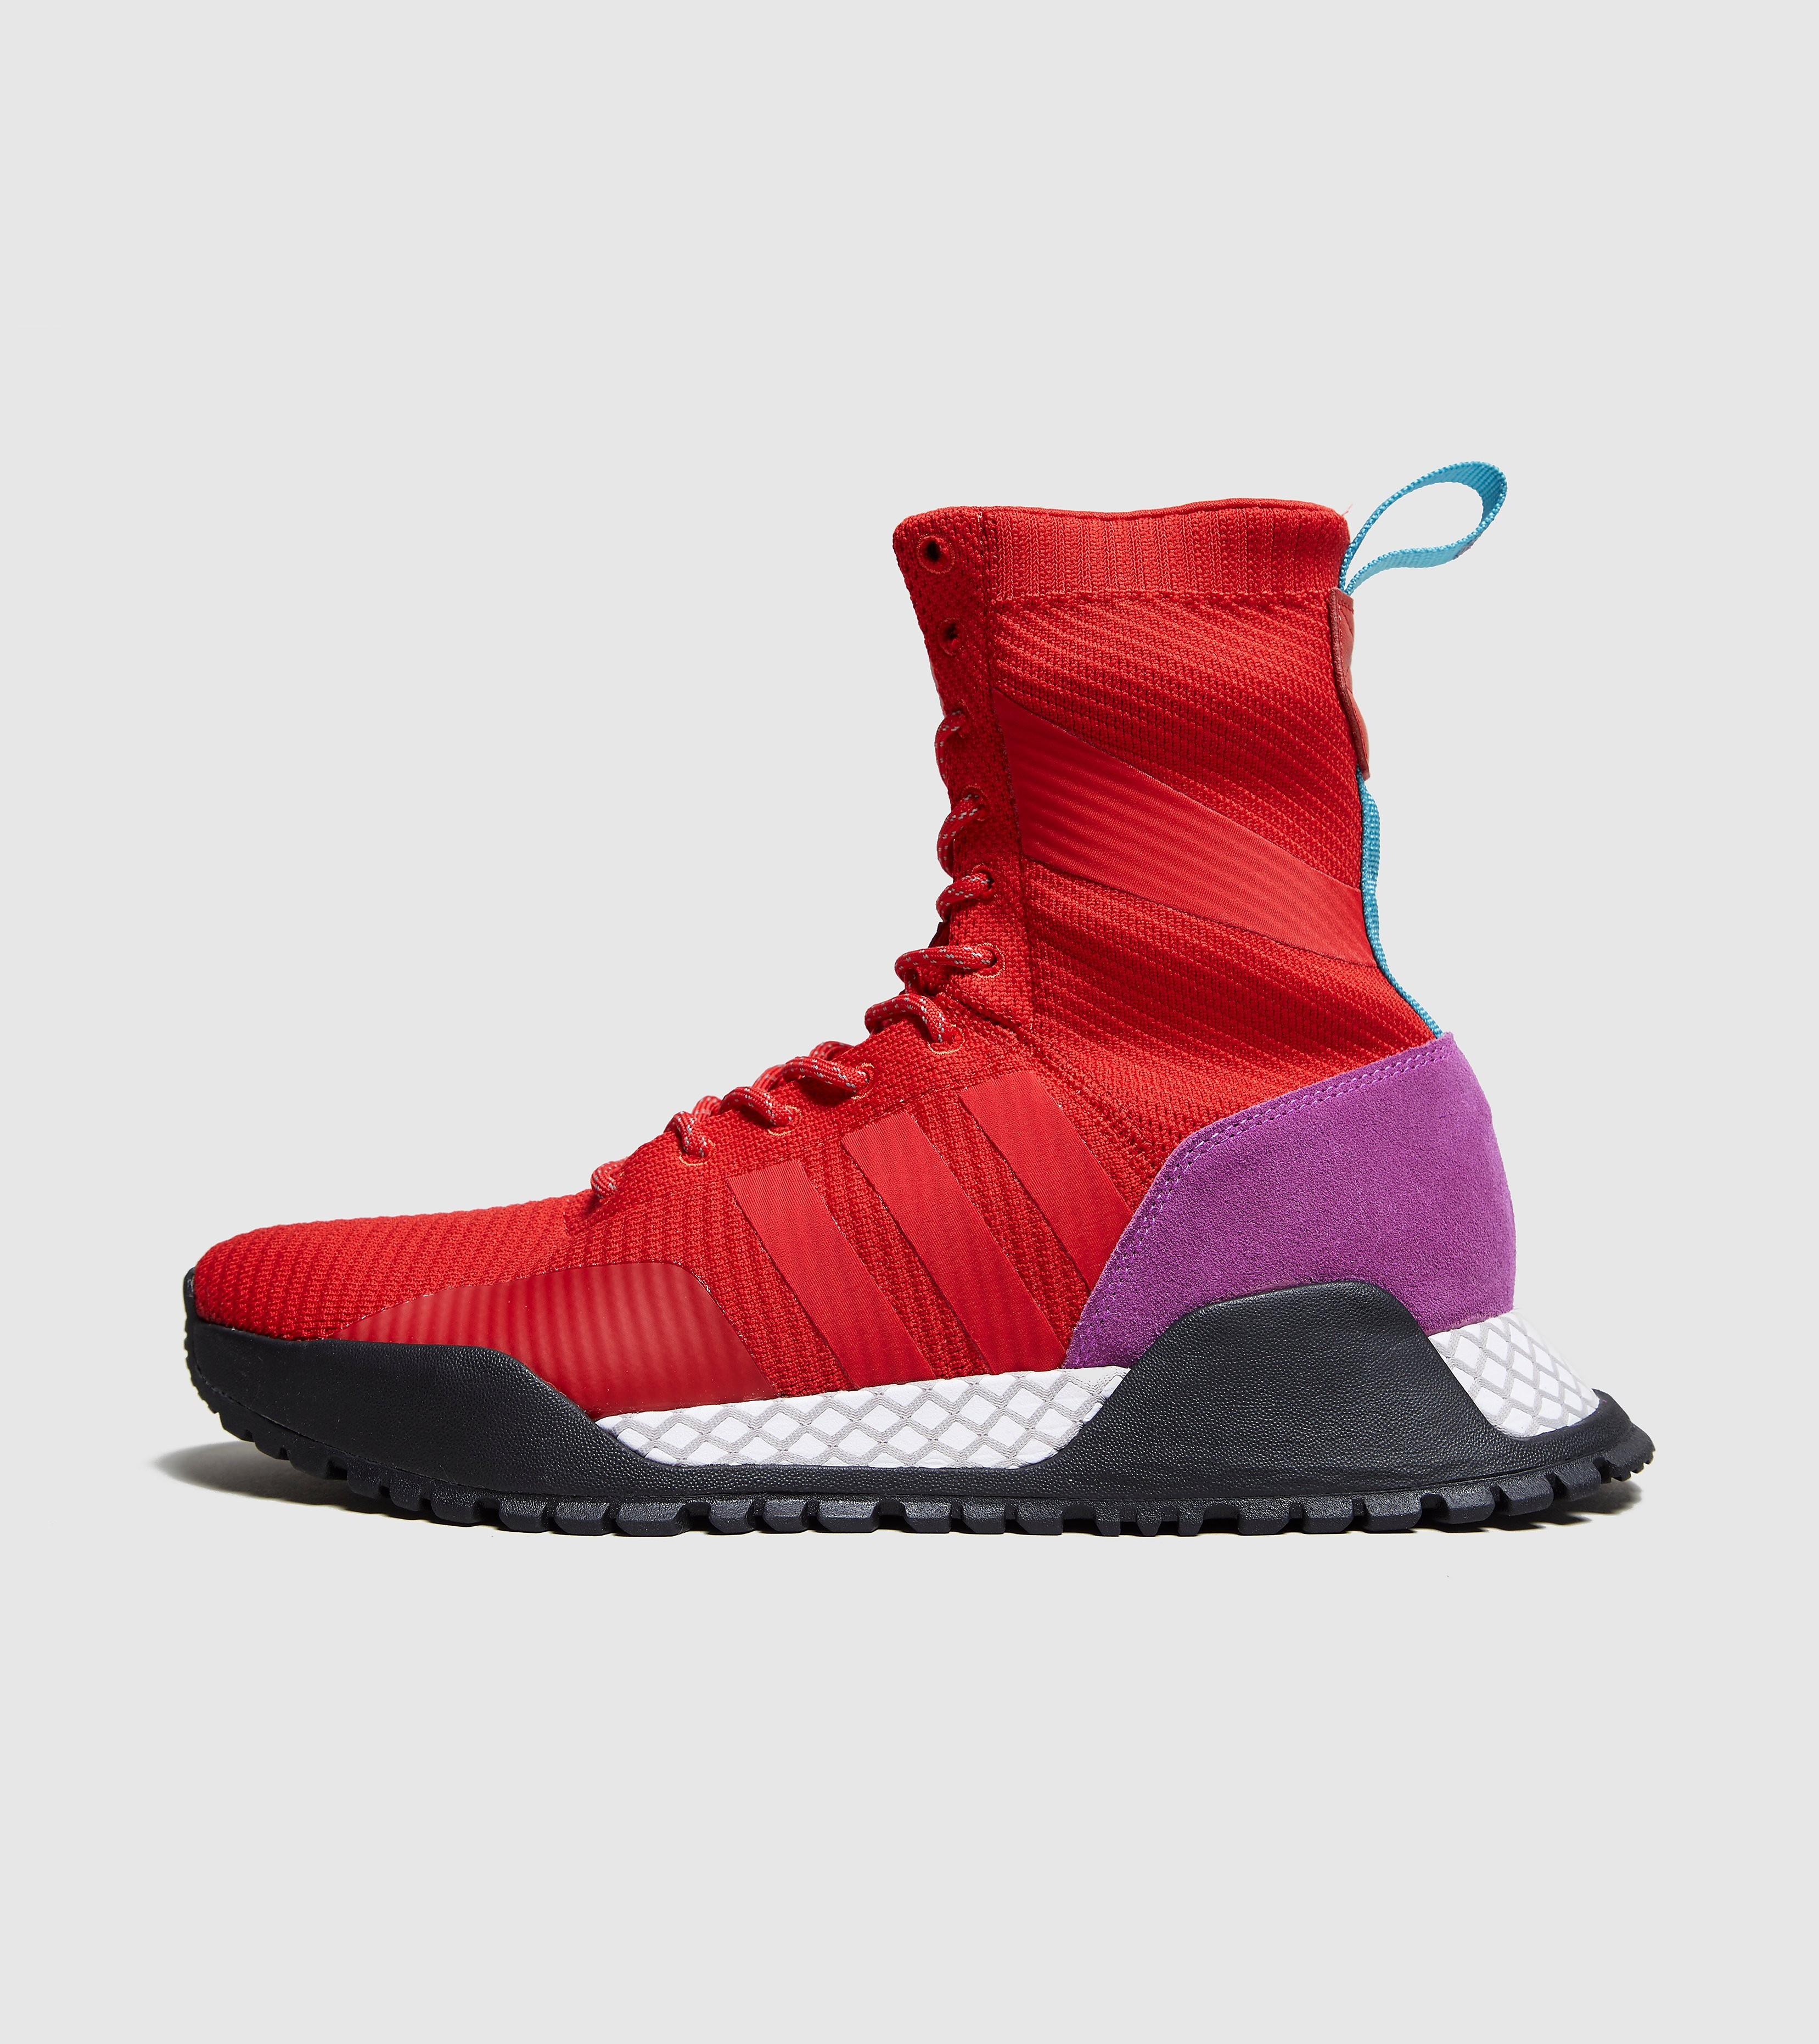 adidas Originals A.F 1.3 Primeknit Boot, Red/Black